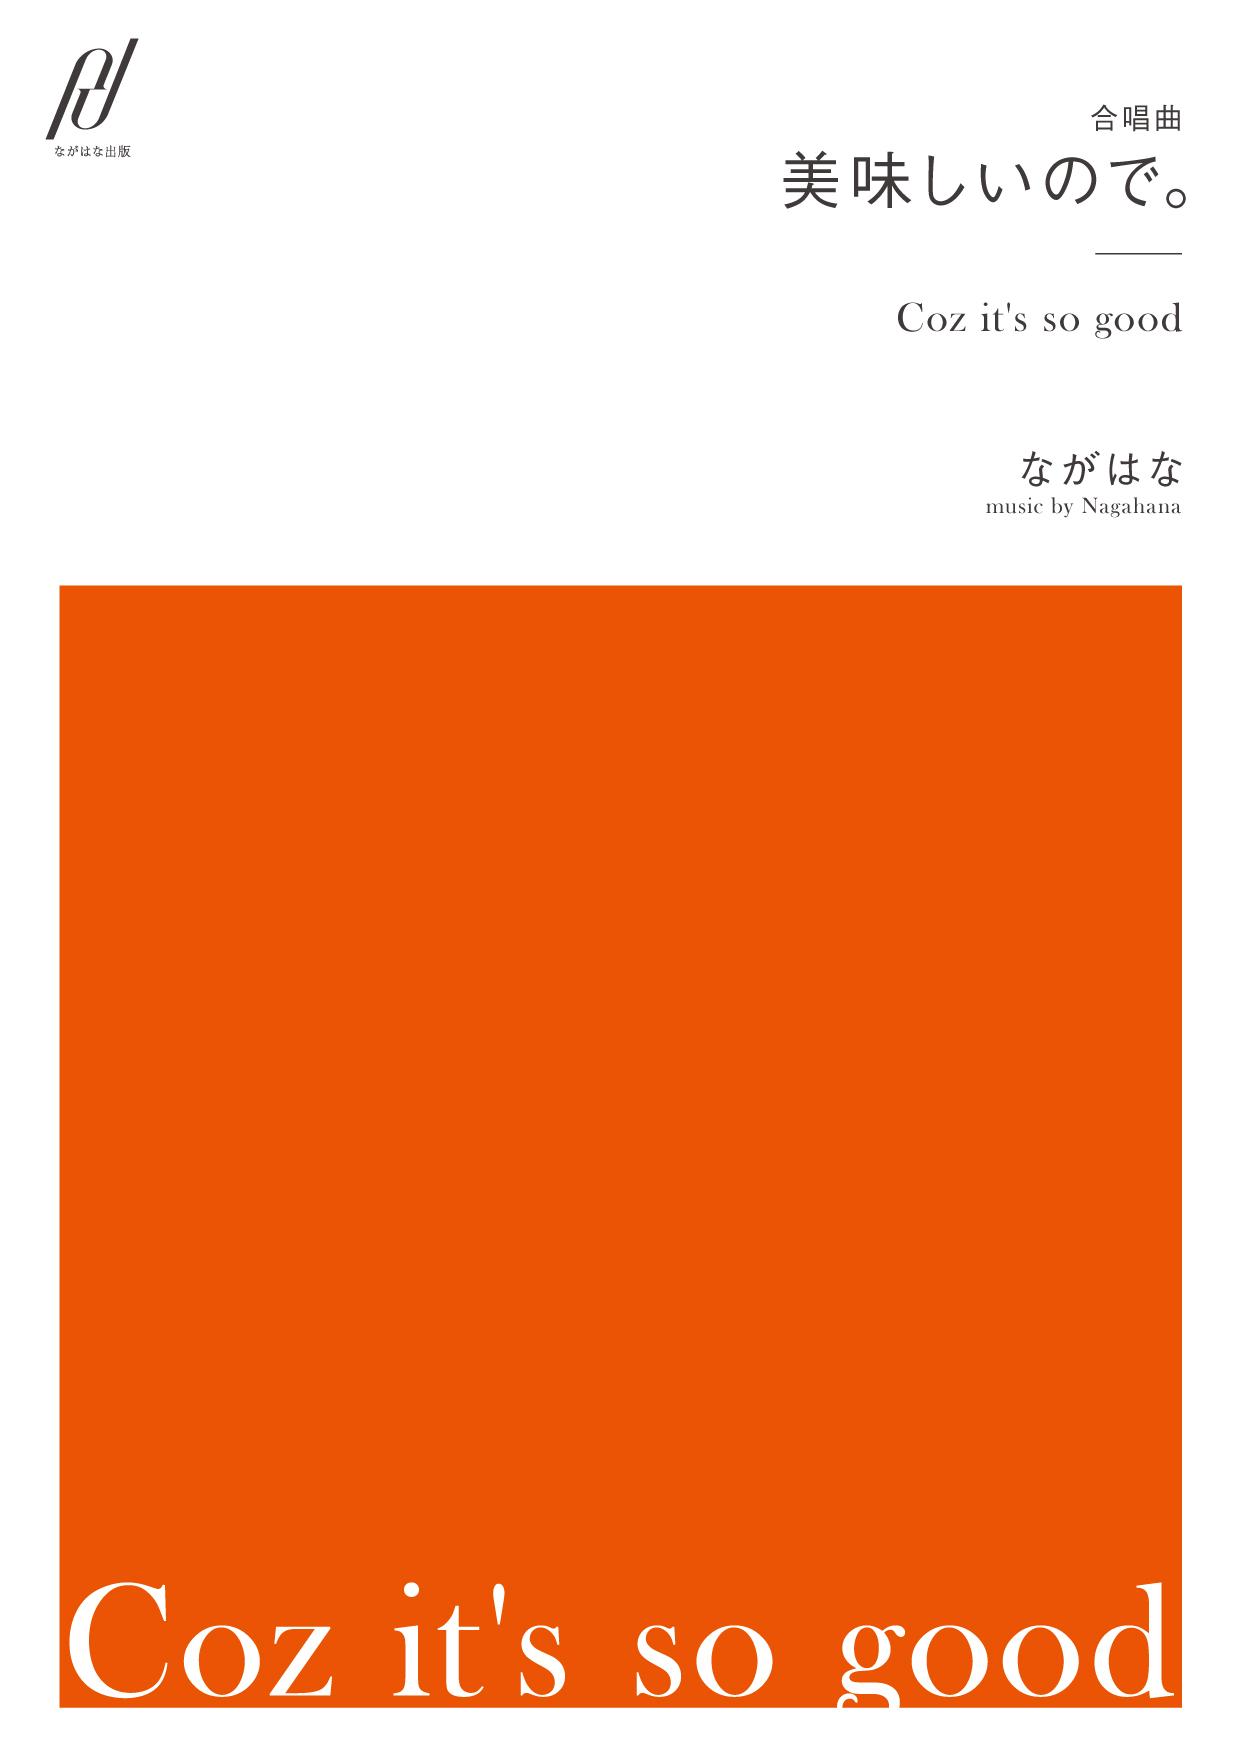 合唱曲「美味しいので。」 DL版(台湾花蓮地震チャリティ曲)